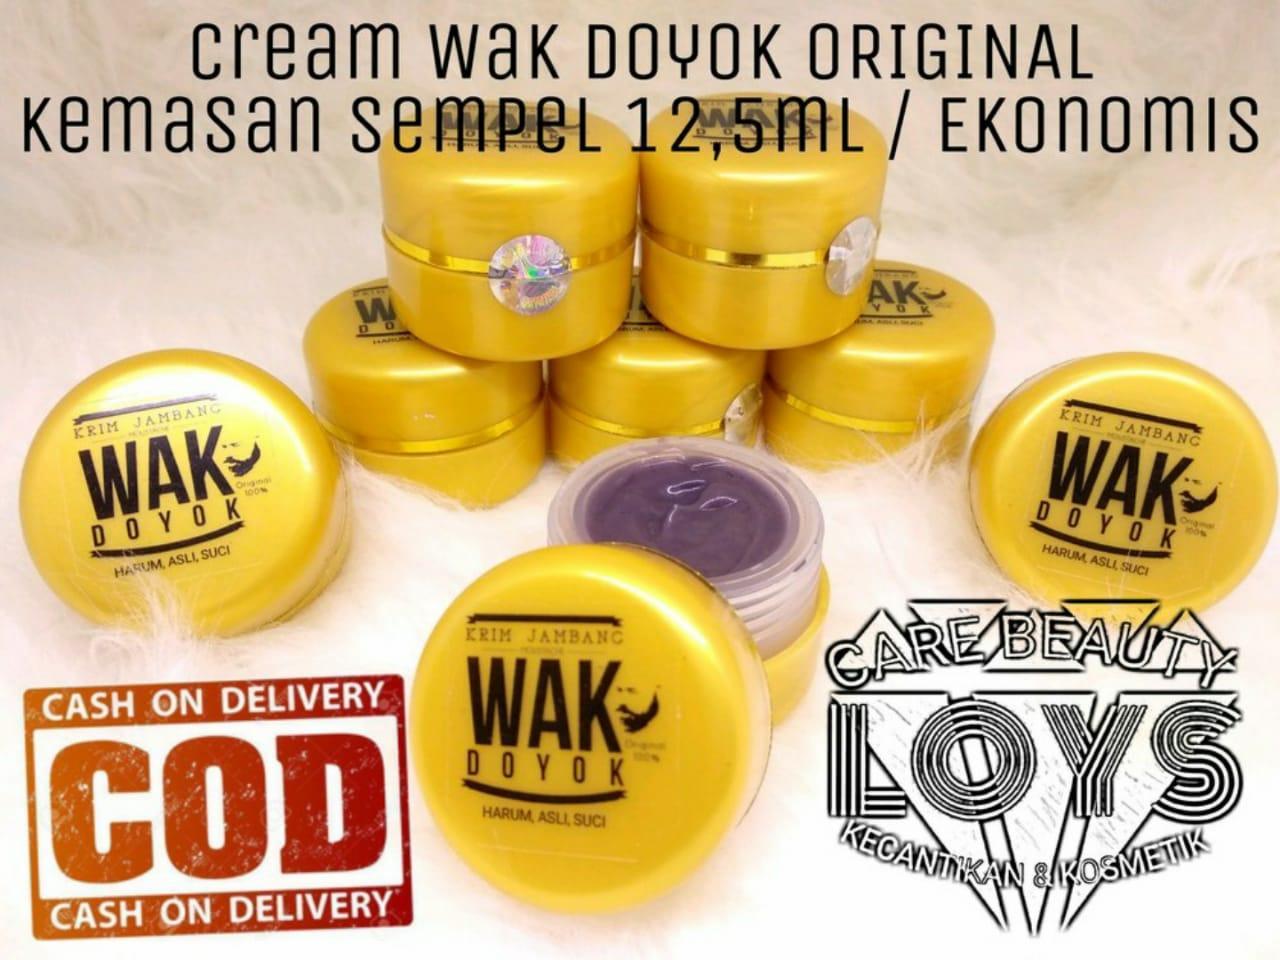 Wakdoyok Cream 12,5ml Original Hologram - Wakdoyok Krim Penumbuh Jambang & Rambut By Lcbeauty.